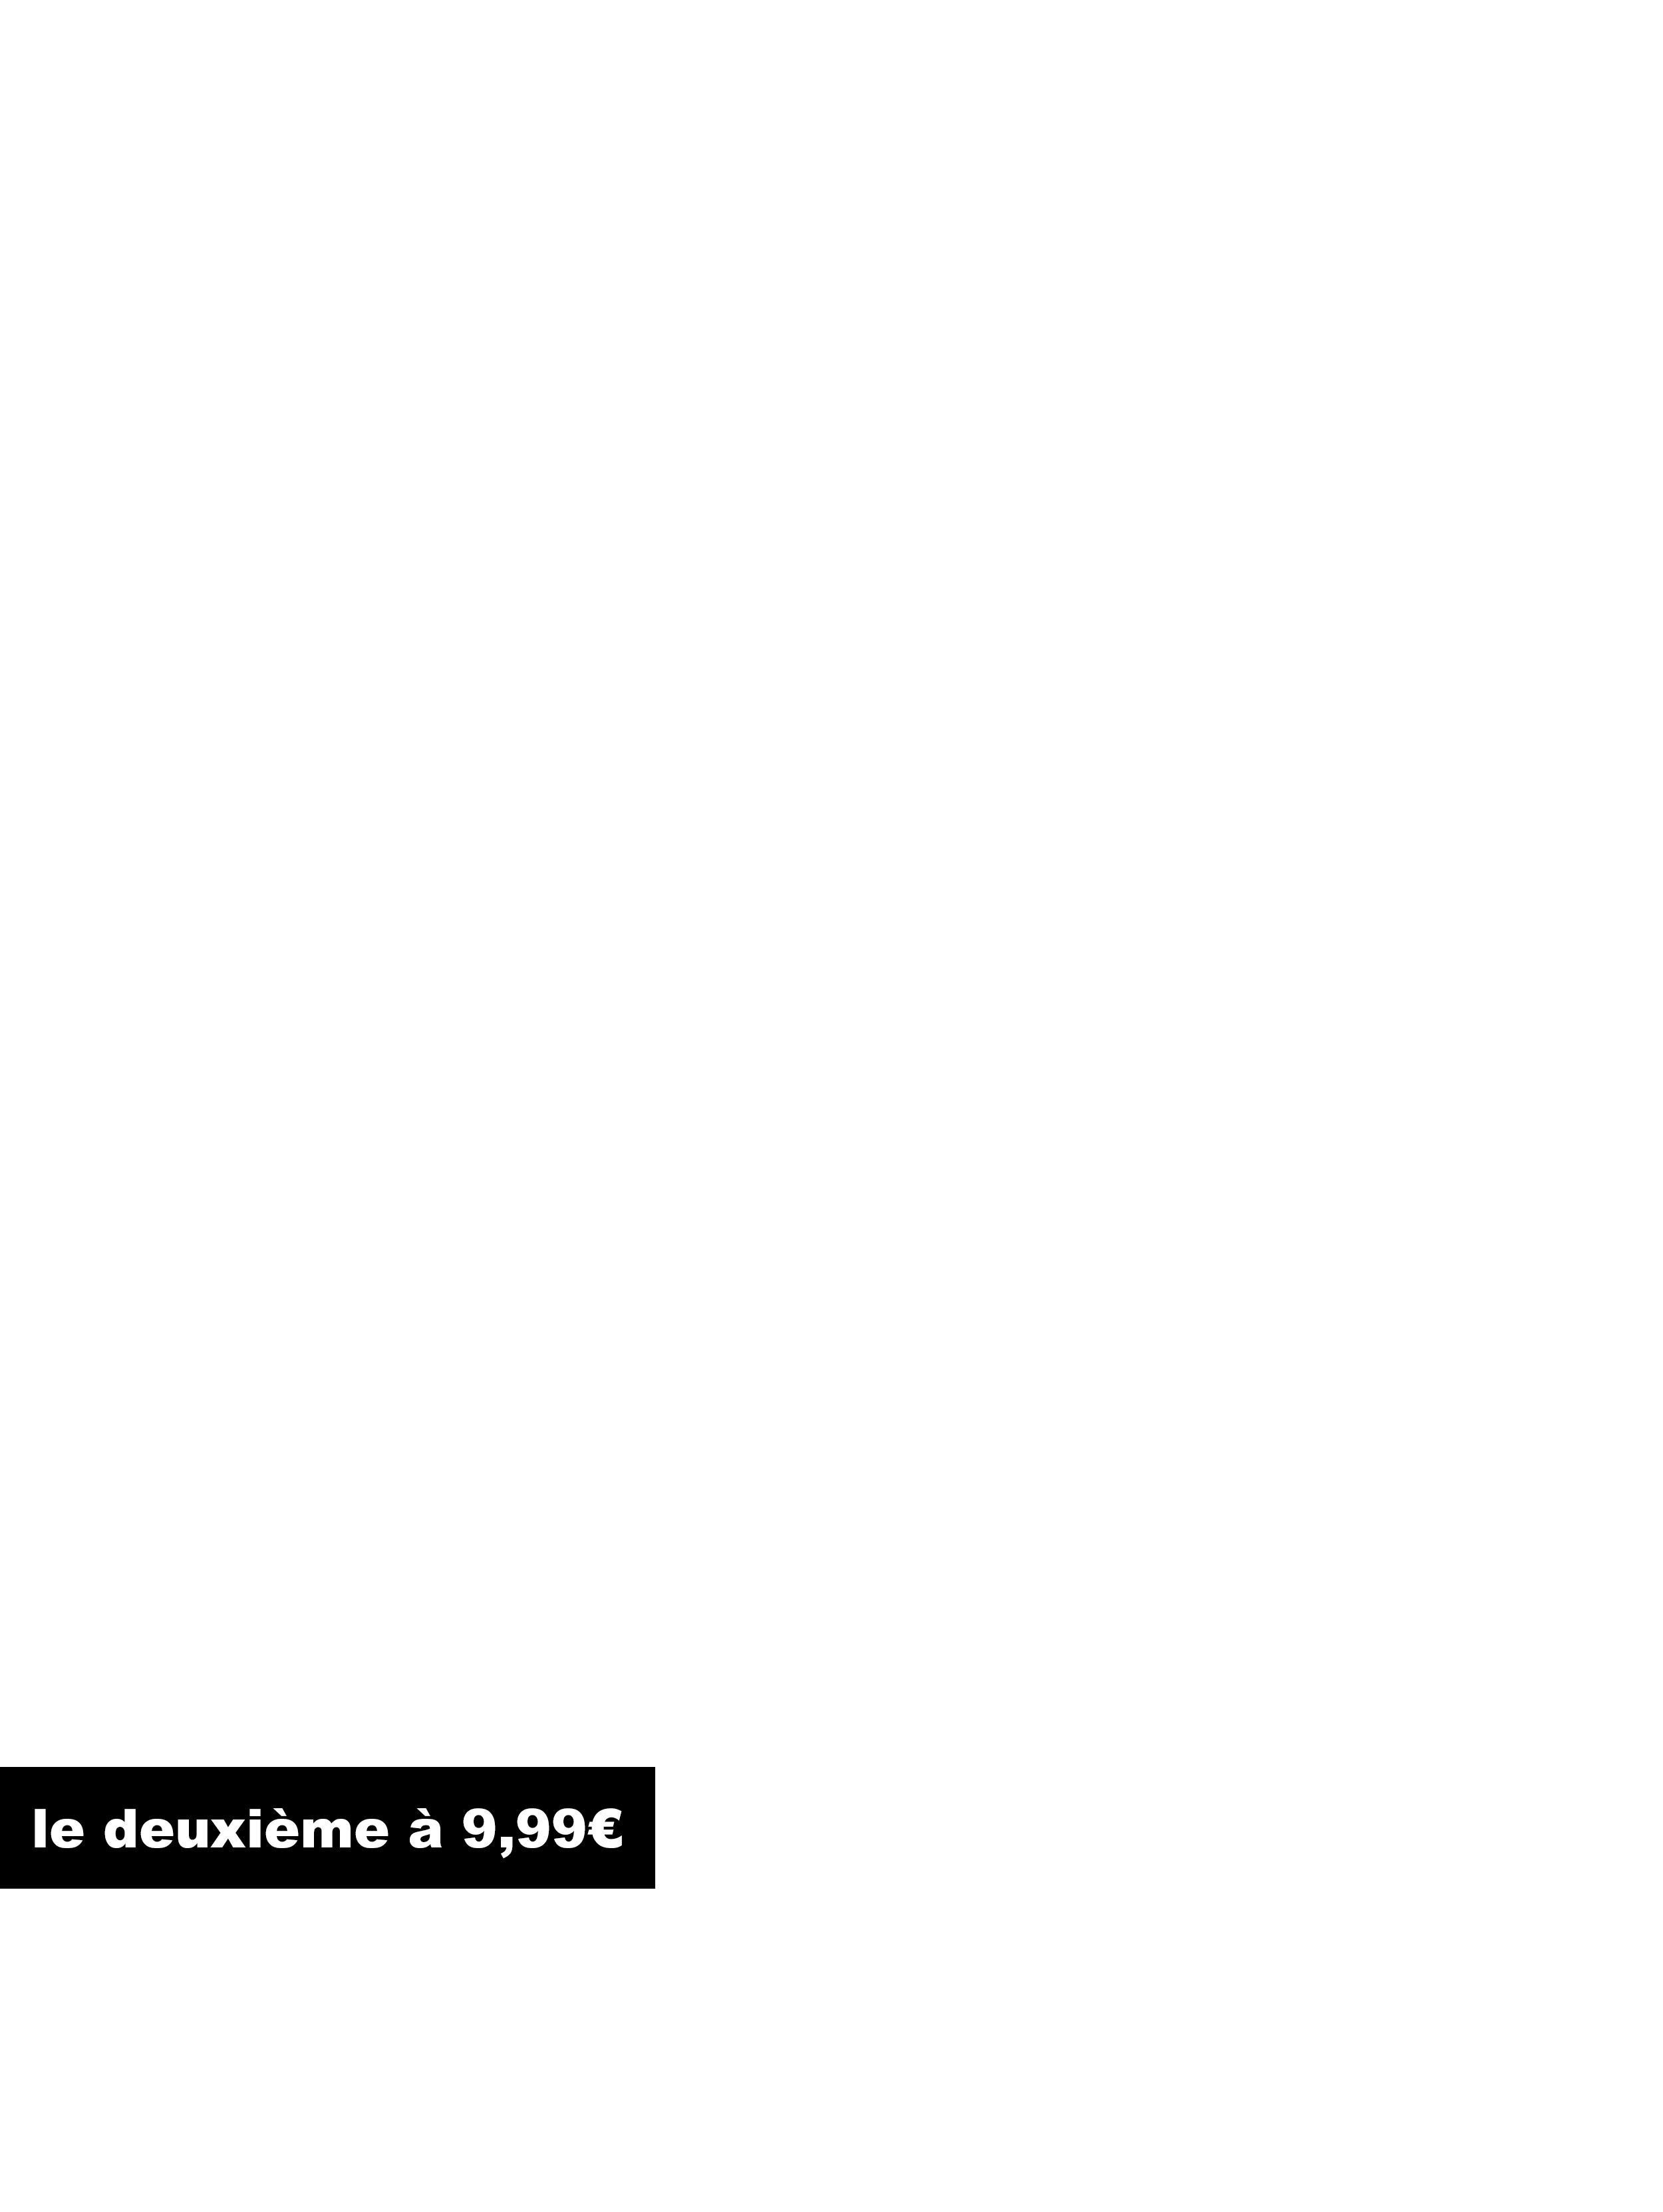 FRA_ secondo 9.99